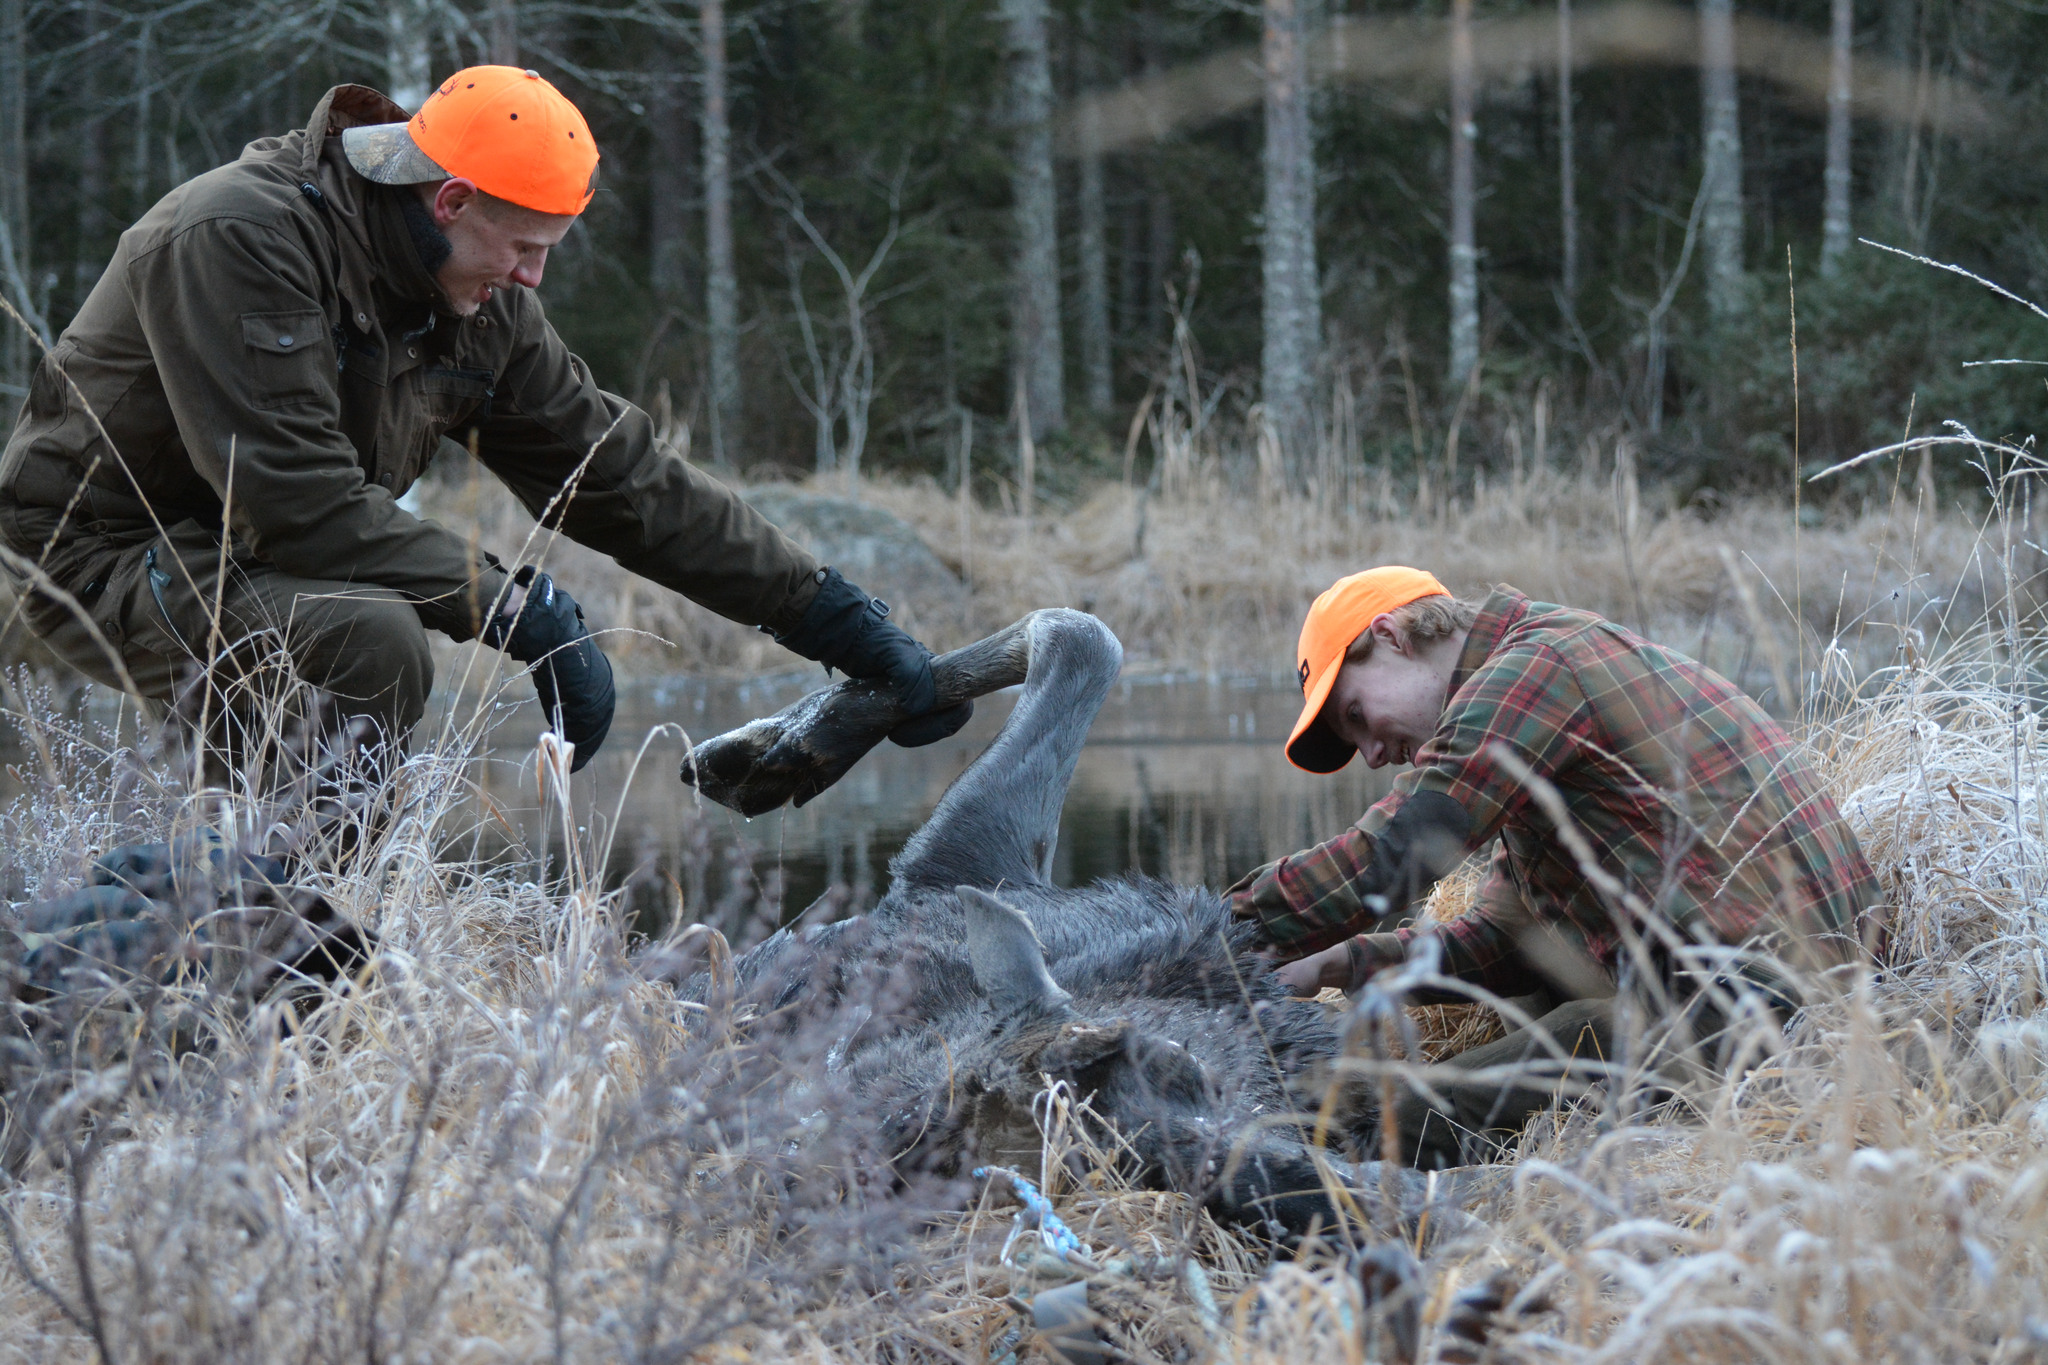 Än så länge är det människan som genom förvaltning, jakt och trafik står för den överlägset största påverkan på älgen.